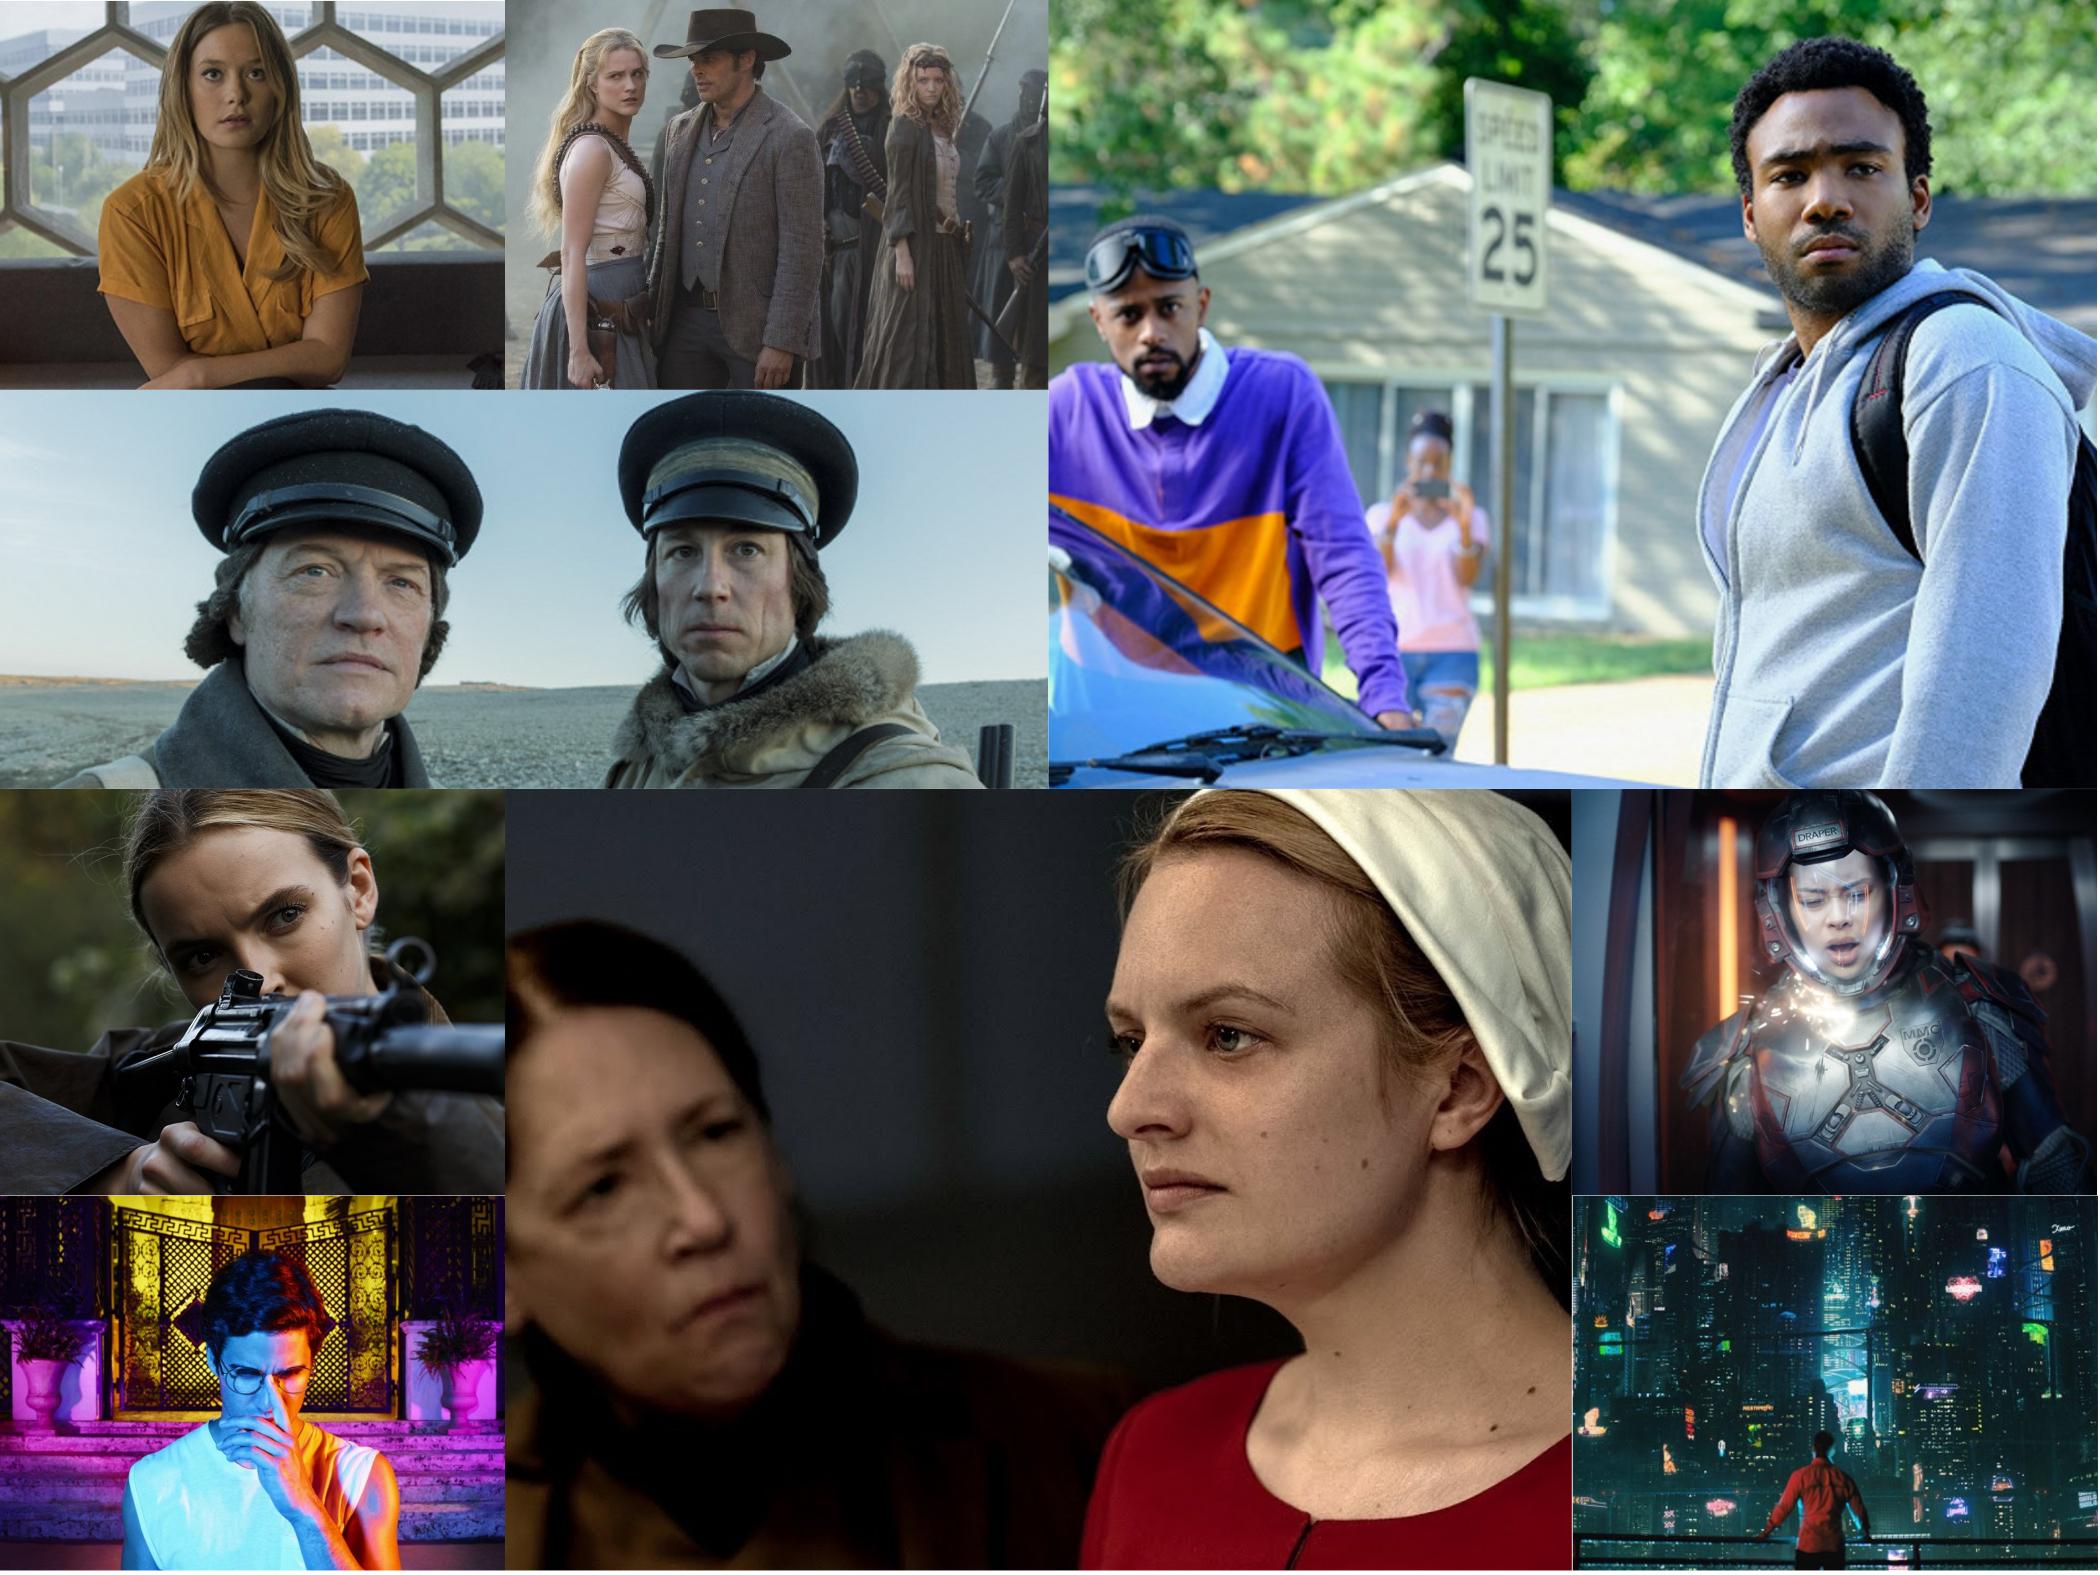 Nejlepší letošní seriály jsou zatím Atlanta a Westworld. Mrkněte se ale i na další tipy